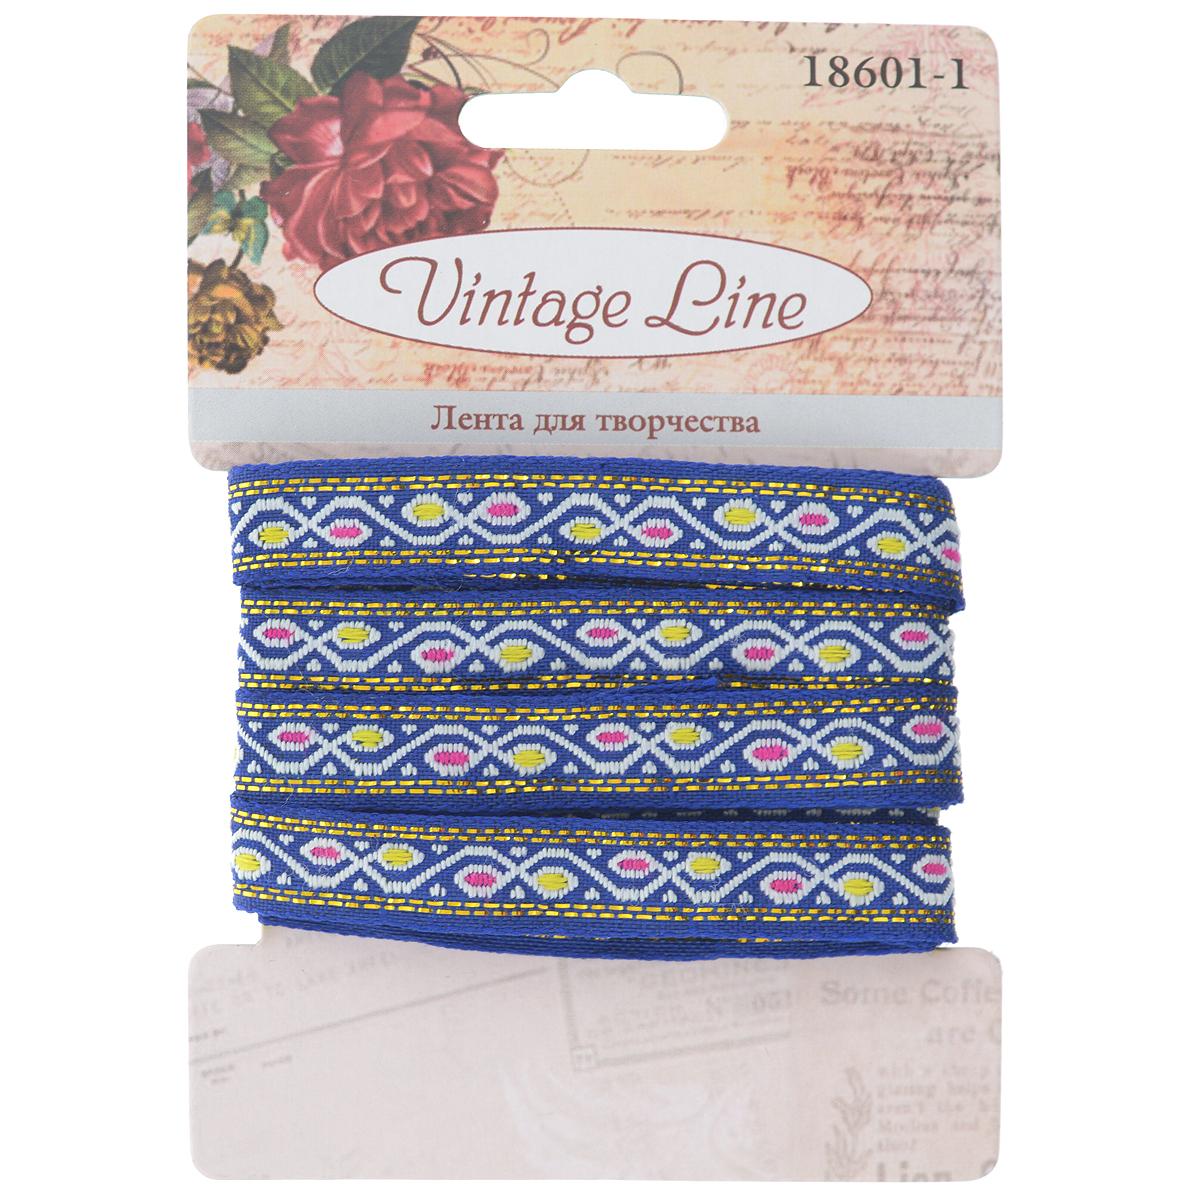 Лента декоративная Vintage Line, цвет: синий, 1 х 200 см7709649Декоративная лента Vintage Line выполнена из текстиля и оформлена оригинальным узором. Такая лента идеально подойдет для оформления различных творческих работ таких, как скрапбукинг, аппликация, декор коробок и открыток и многое другое.Лента наивысшего качества практична в использовании. Она станет незаменимым элементом в создании рукотворного шедевра. Ширина: 1 см.Длина: 2 м.